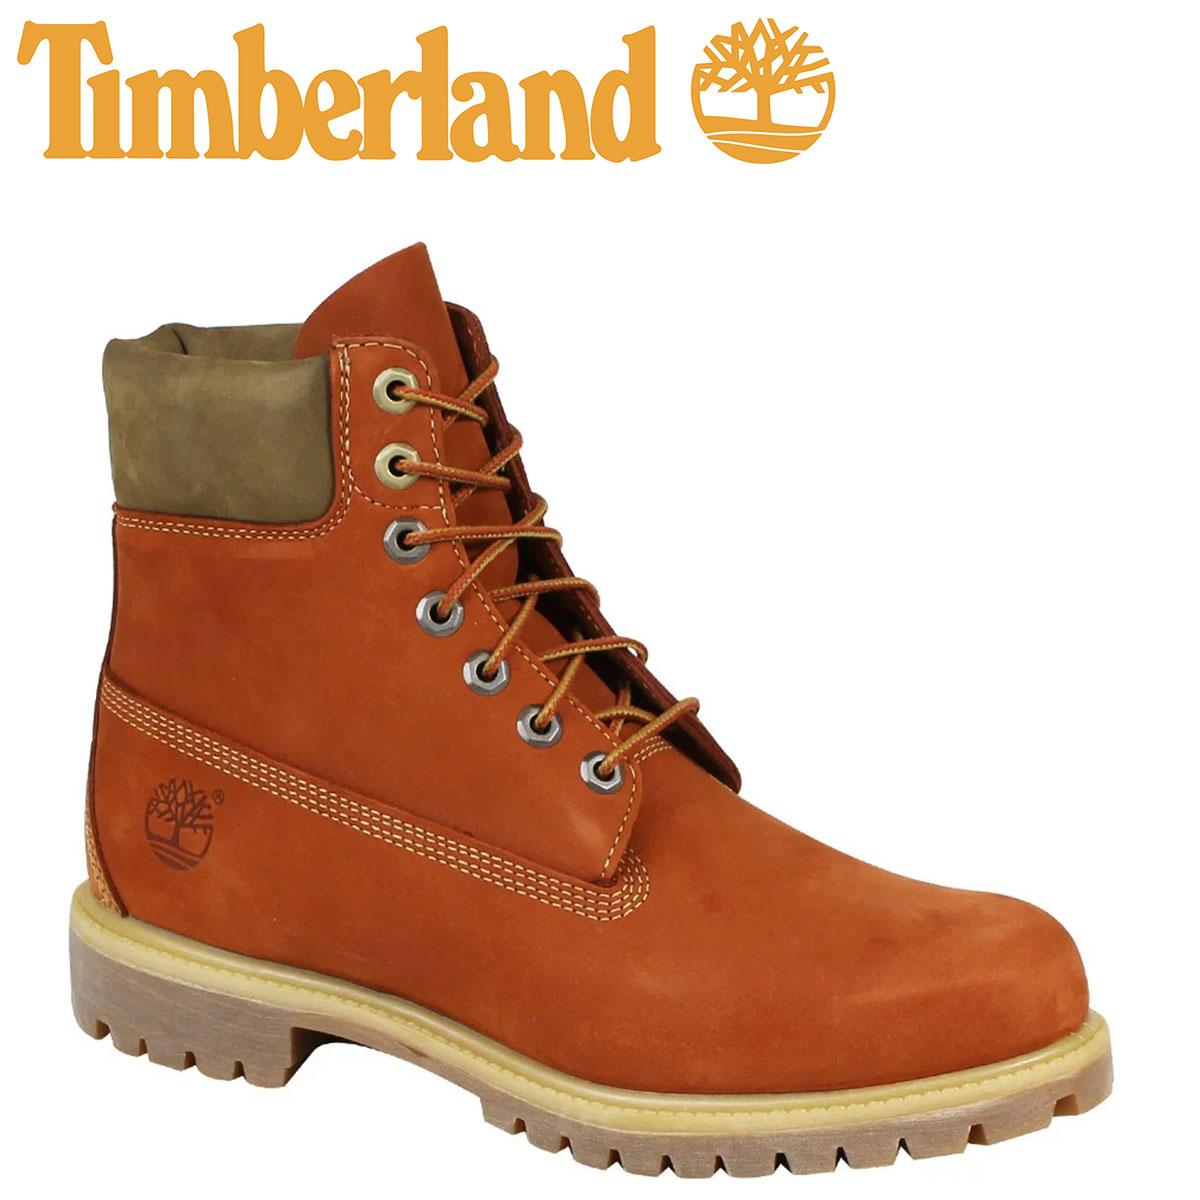 ティンバーランド Timberland ブーツ メンズ 6インチ 6INCH PREMIUM WATERPROOF BOOTS A17YC Wワイズ プレミアム 防水 オレンジ